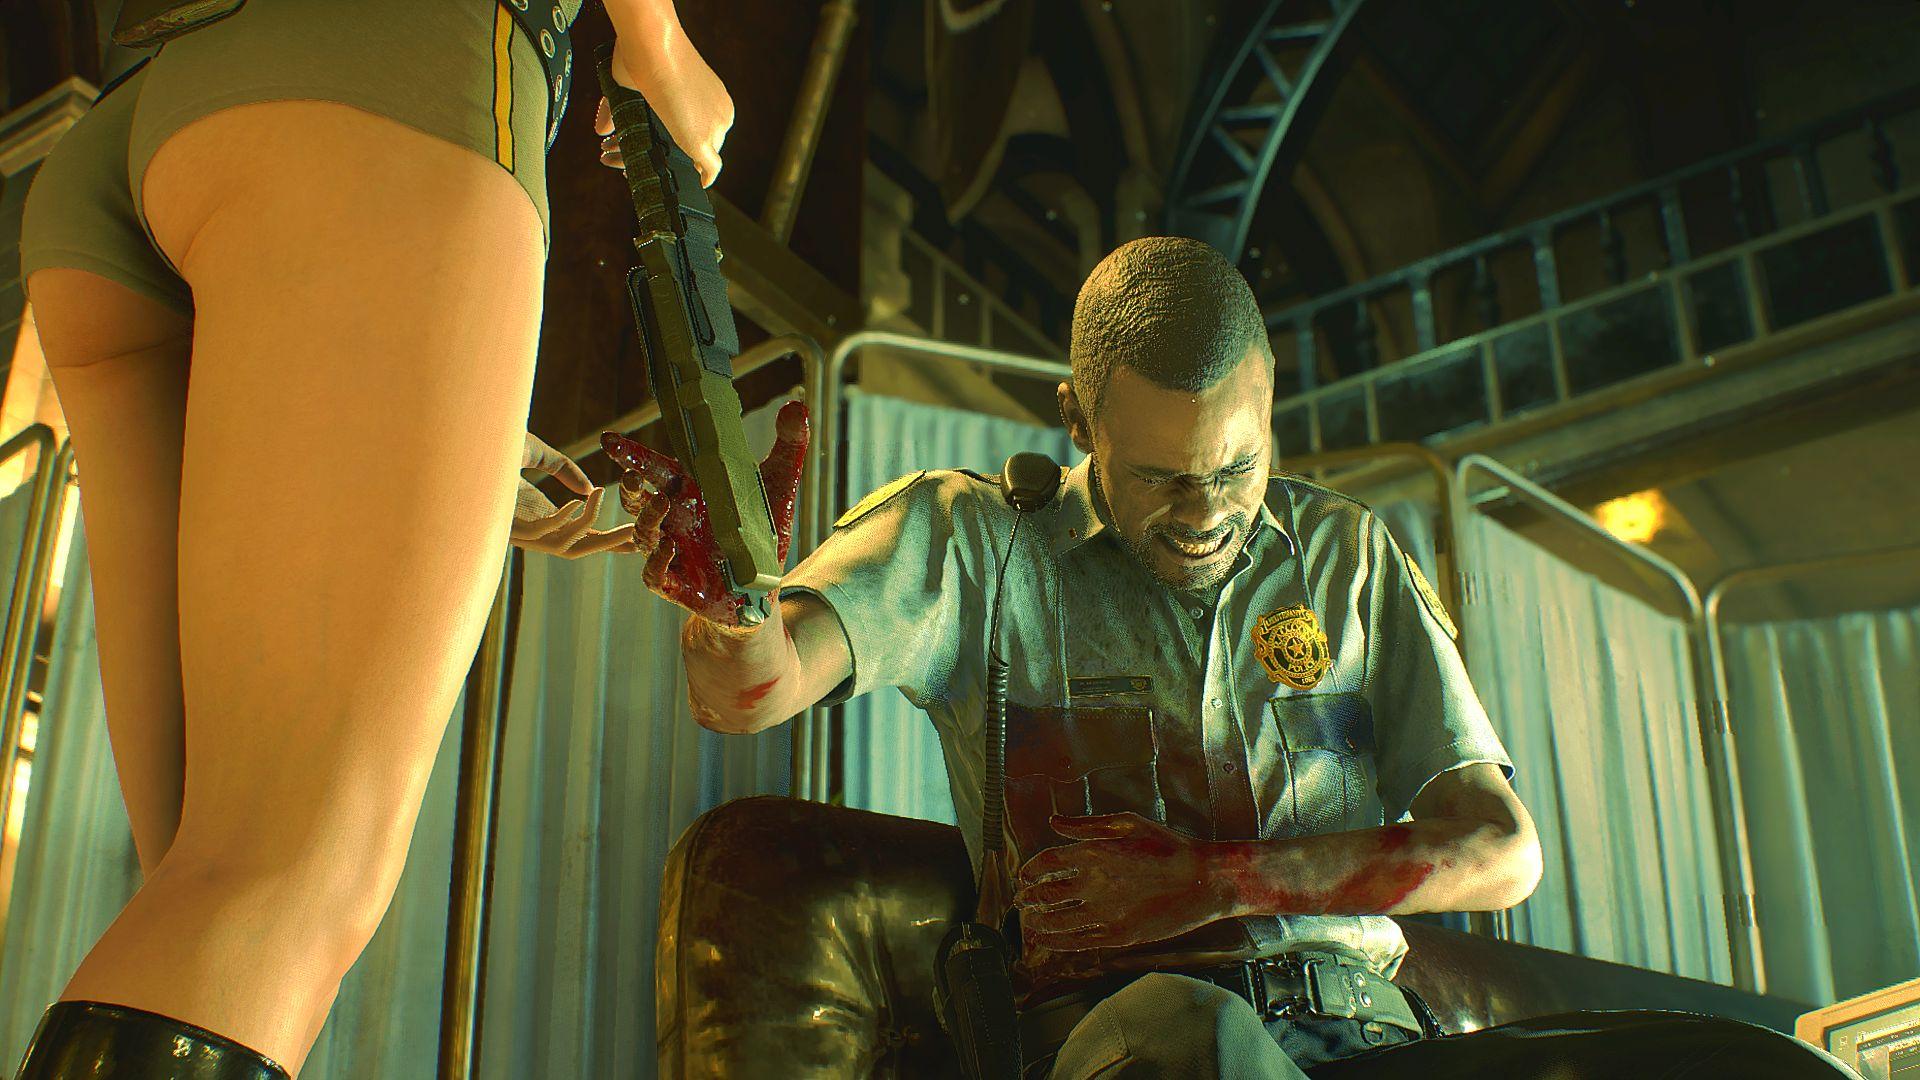 000751.Jpg - Resident Evil 2